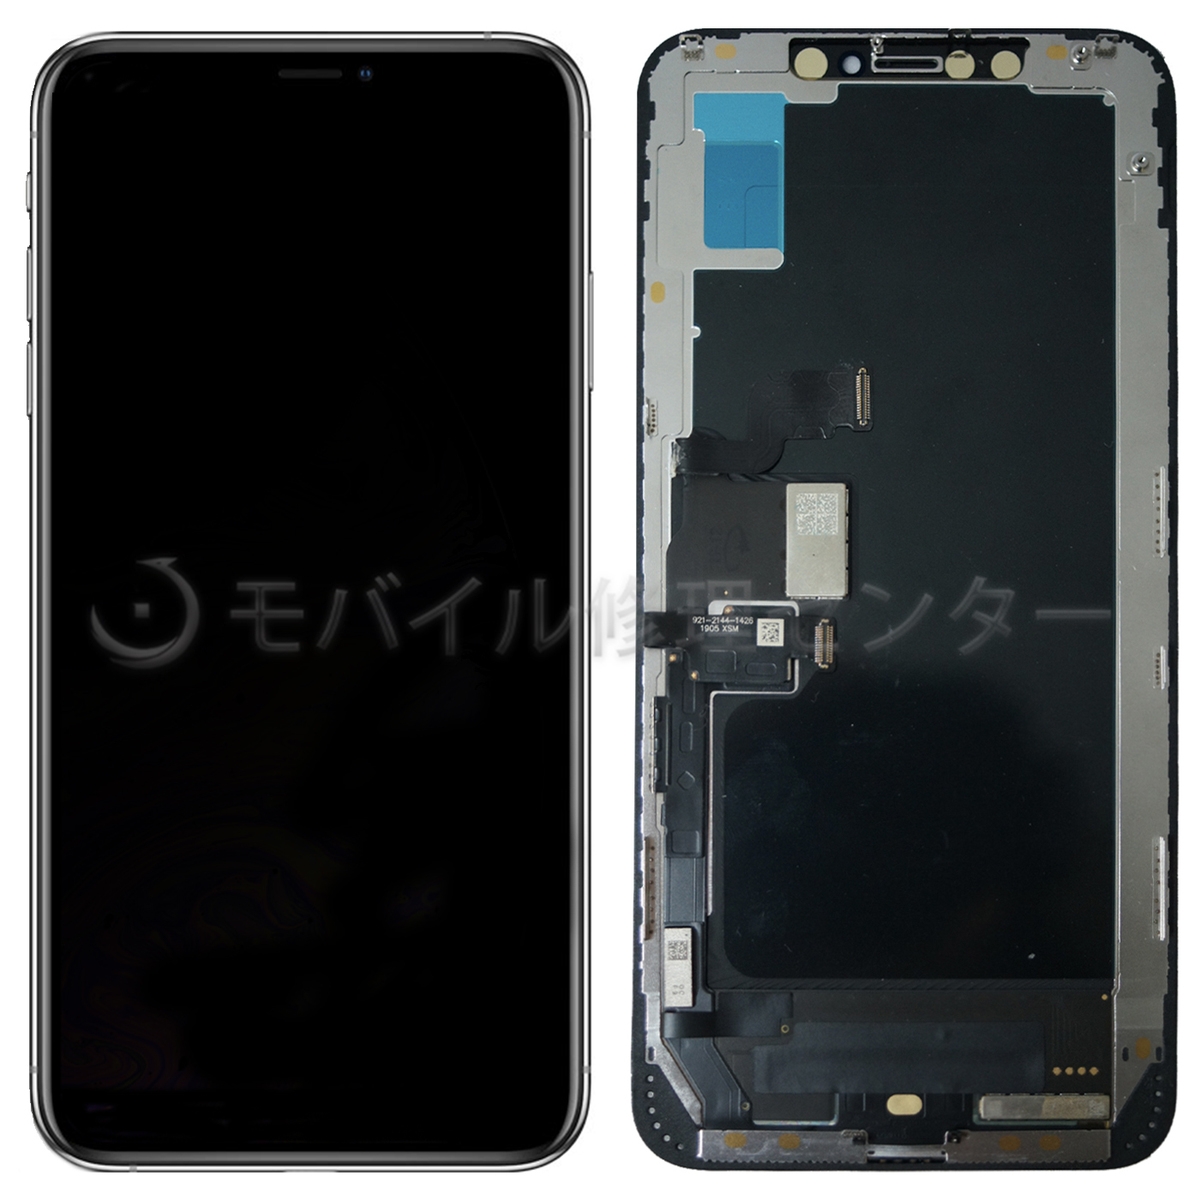 iPhoneXSMAXの液晶交換の際にどうぞ。 iPhoneXSMAX 【OLED軟質素材】 フロントパネル 液晶パネル 画面交換 修理用交換用